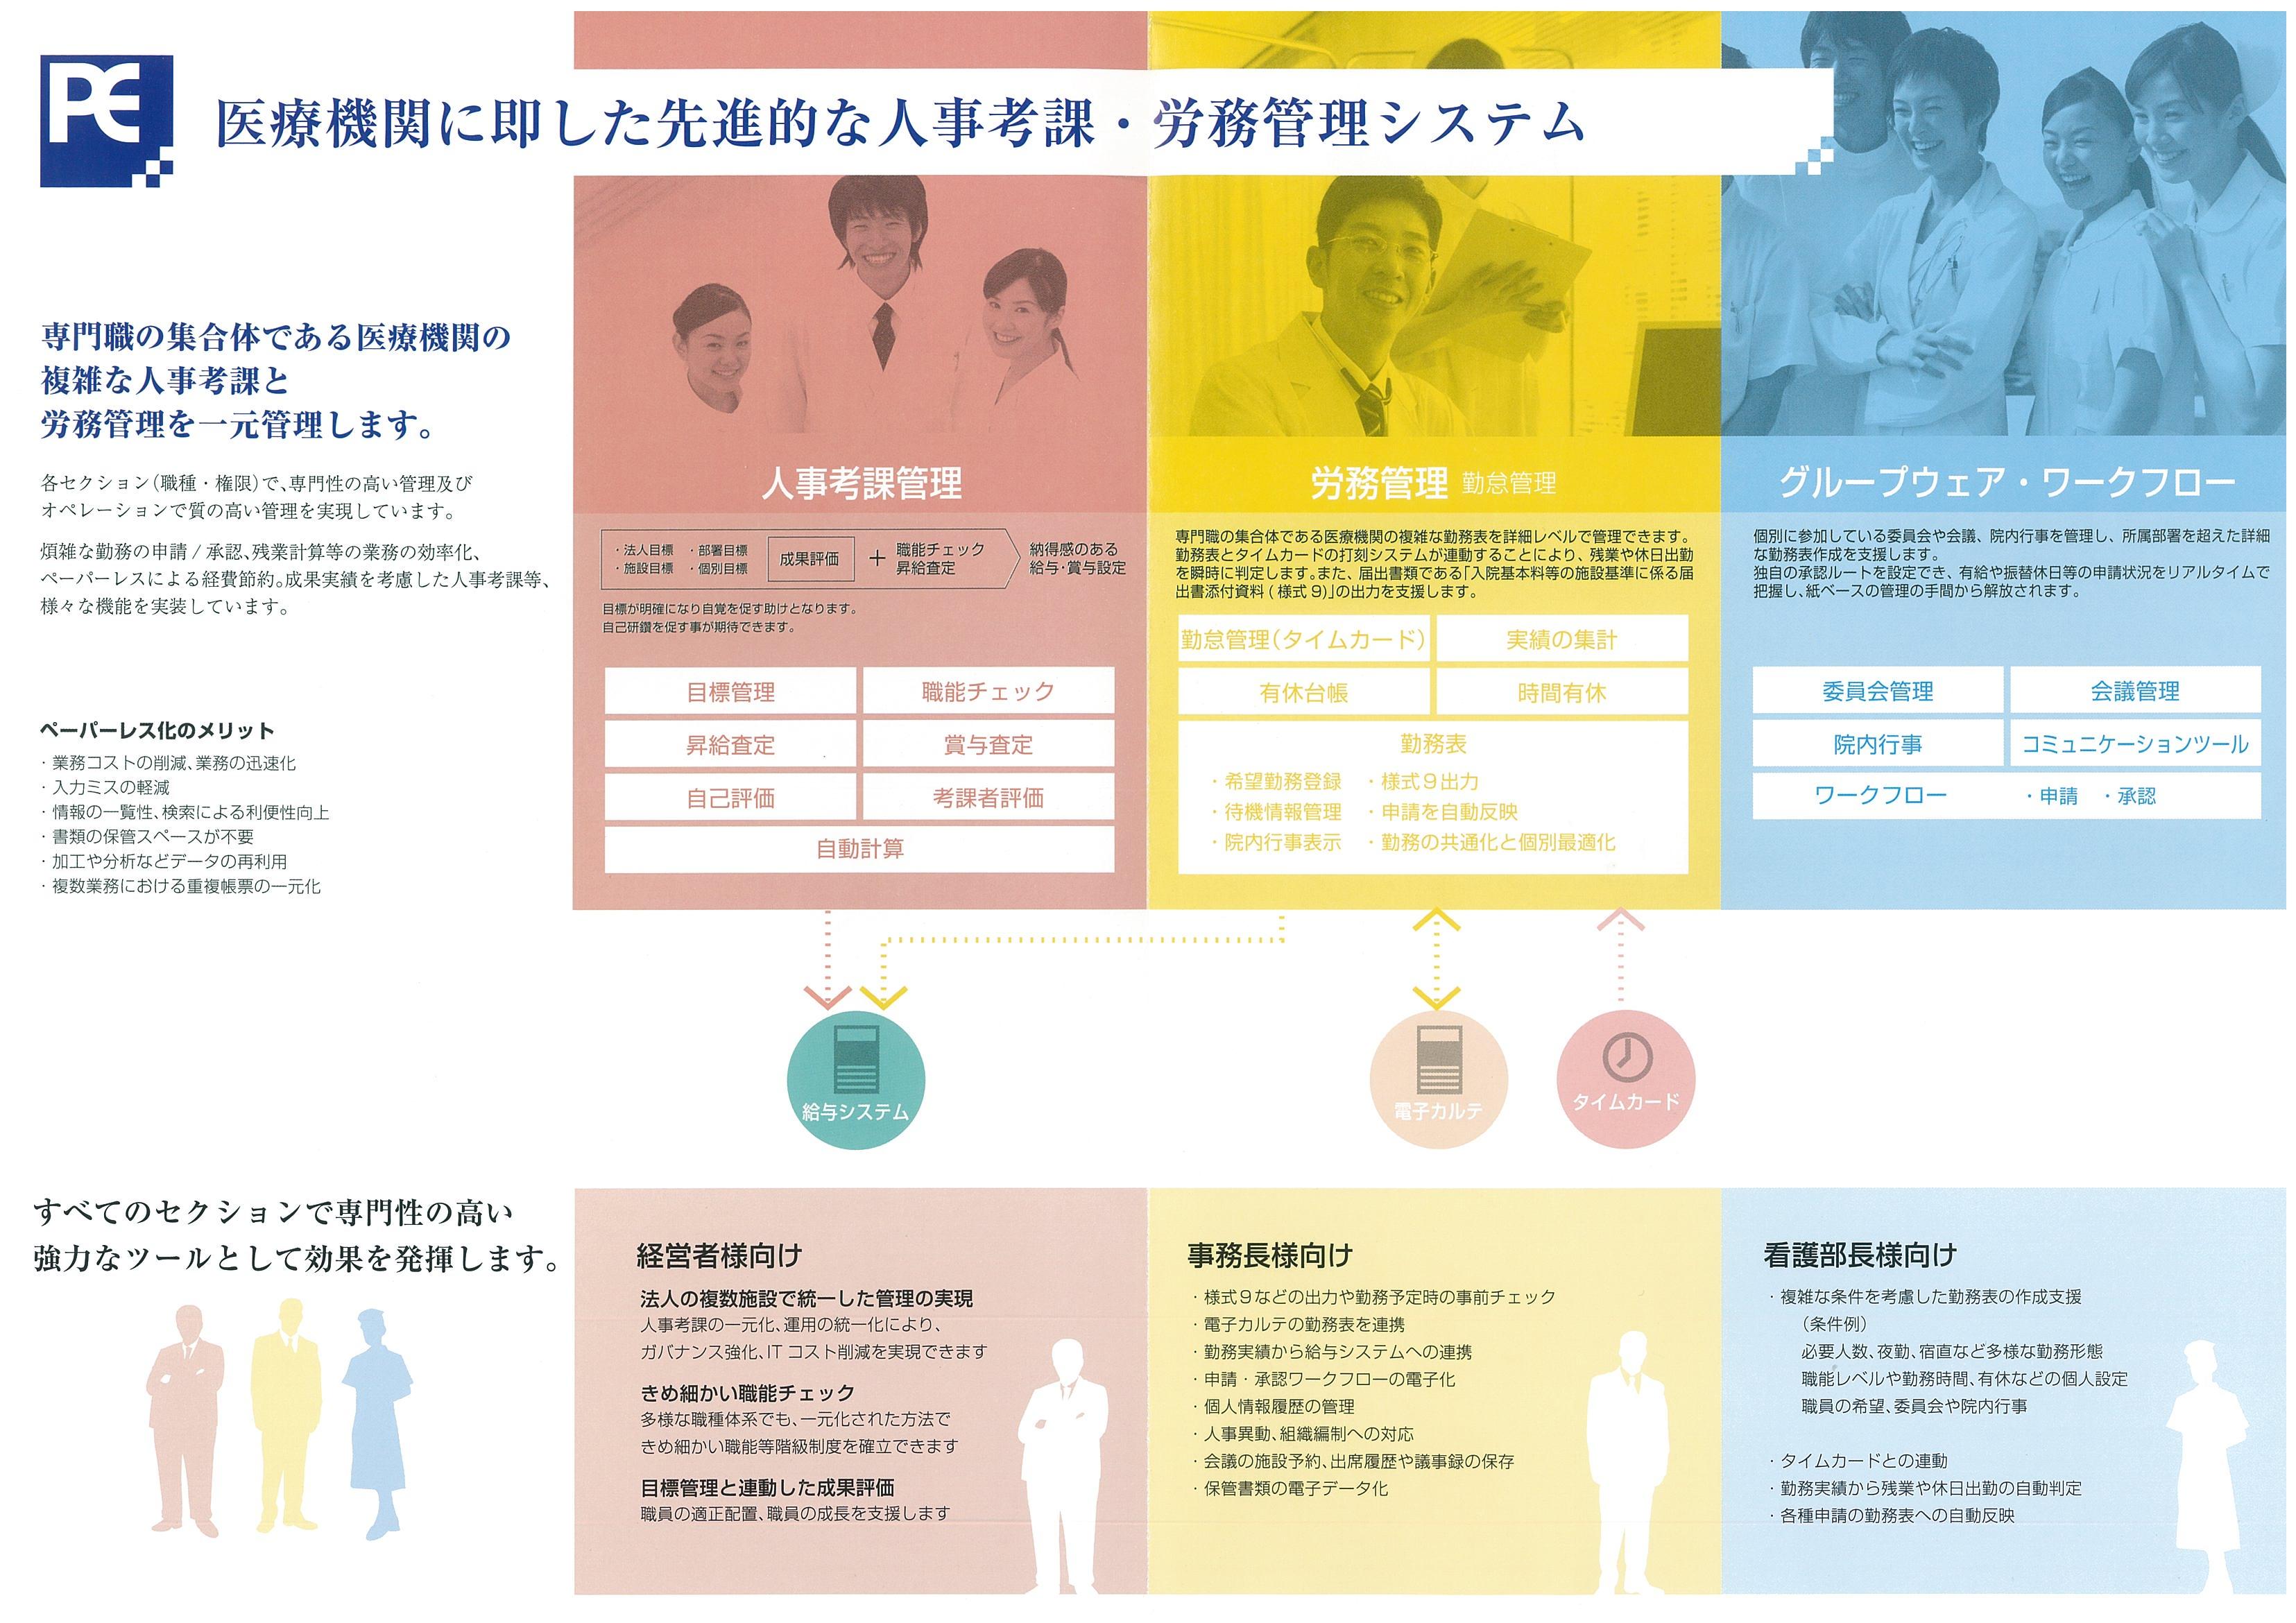 【㈱ベネスト】人事考課支援・労務管理システム PE-net ご紹介